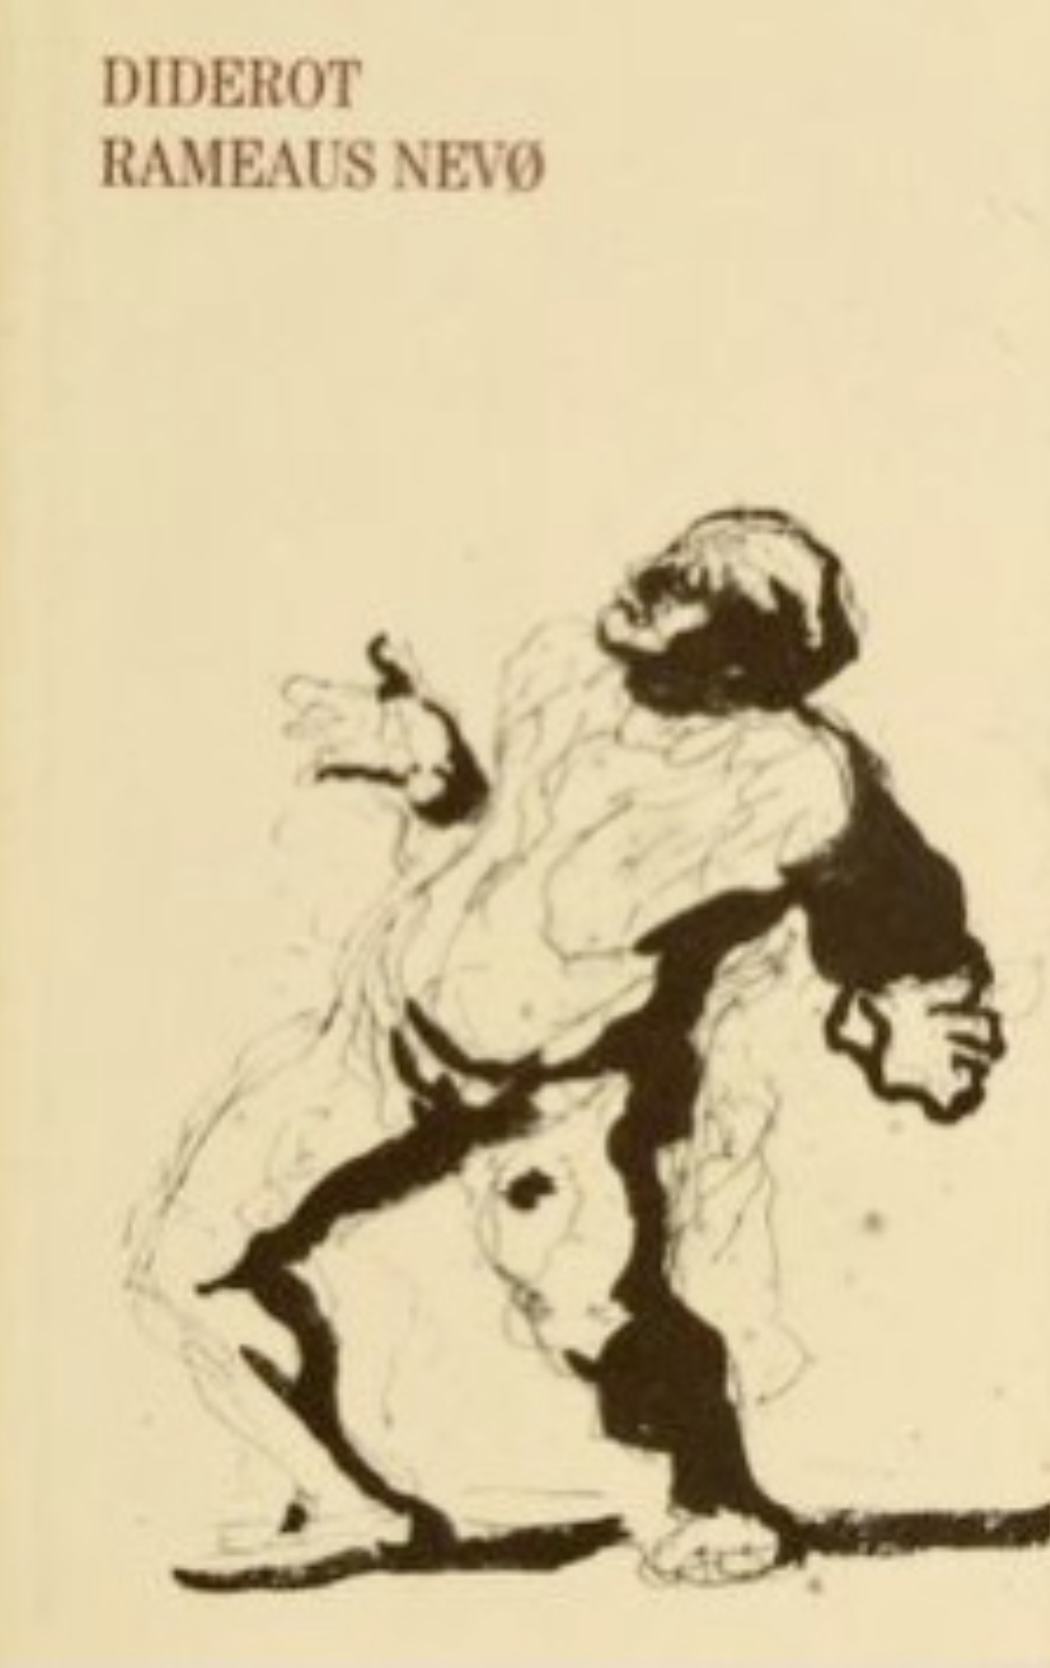 """""""Rameaus nevø"""" av Denis Diderot"""